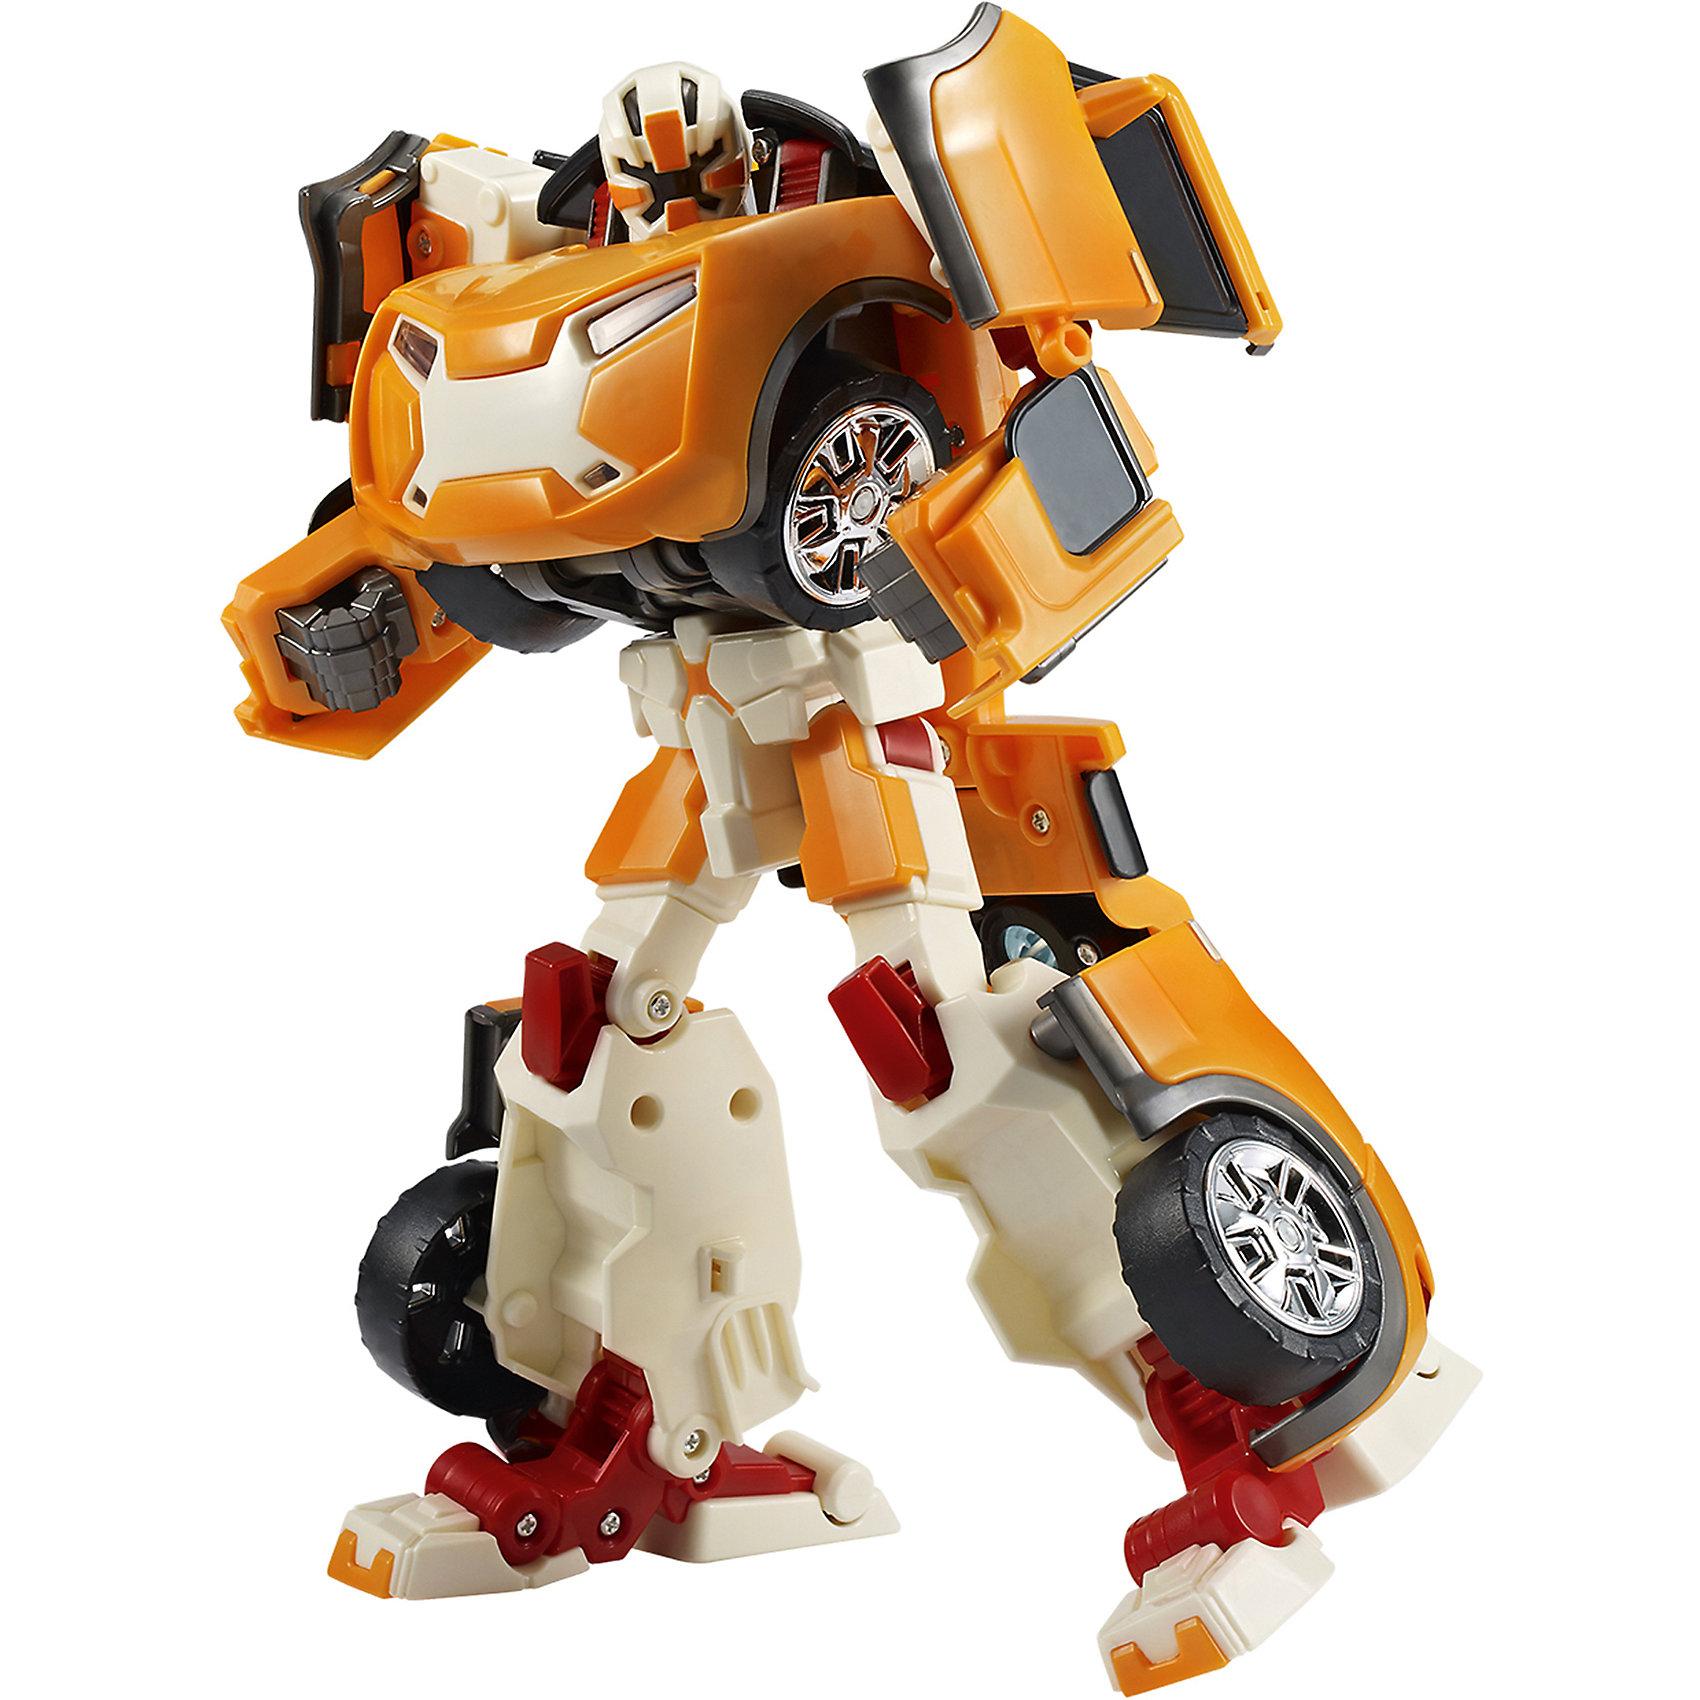 Трансформер Тобот эволюция XФигурки героев<br>Герой мультфильма Тобот обязательно понравится Вашему ребенку!<br>С помощью специального ключа, робот быстро превращается в красивую машинку с рельефными колесами и наоборот. Такая игрушка поспособствует развитию фантазии, мышлению и мелкой моторике рук.<br><br>Дополнительная информация:<br><br>- Возраст: от 3 лет.<br>- В наборе: робот, наклейки, ключ.<br>- Материал: пластик.<br>- Размер упаковки: 29х10х10 см.<br>- Вес в упаковке: 300 г.<br><br>Купить трансформер Тобот эволюция X, можно в нашем магазине.<br><br>Ширина мм: 290<br>Глубина мм: 100<br>Высота мм: 100<br>Вес г: 300<br>Возраст от месяцев: 36<br>Возраст до месяцев: 2147483647<br>Пол: Мужской<br>Возраст: Детский<br>SKU: 5028889